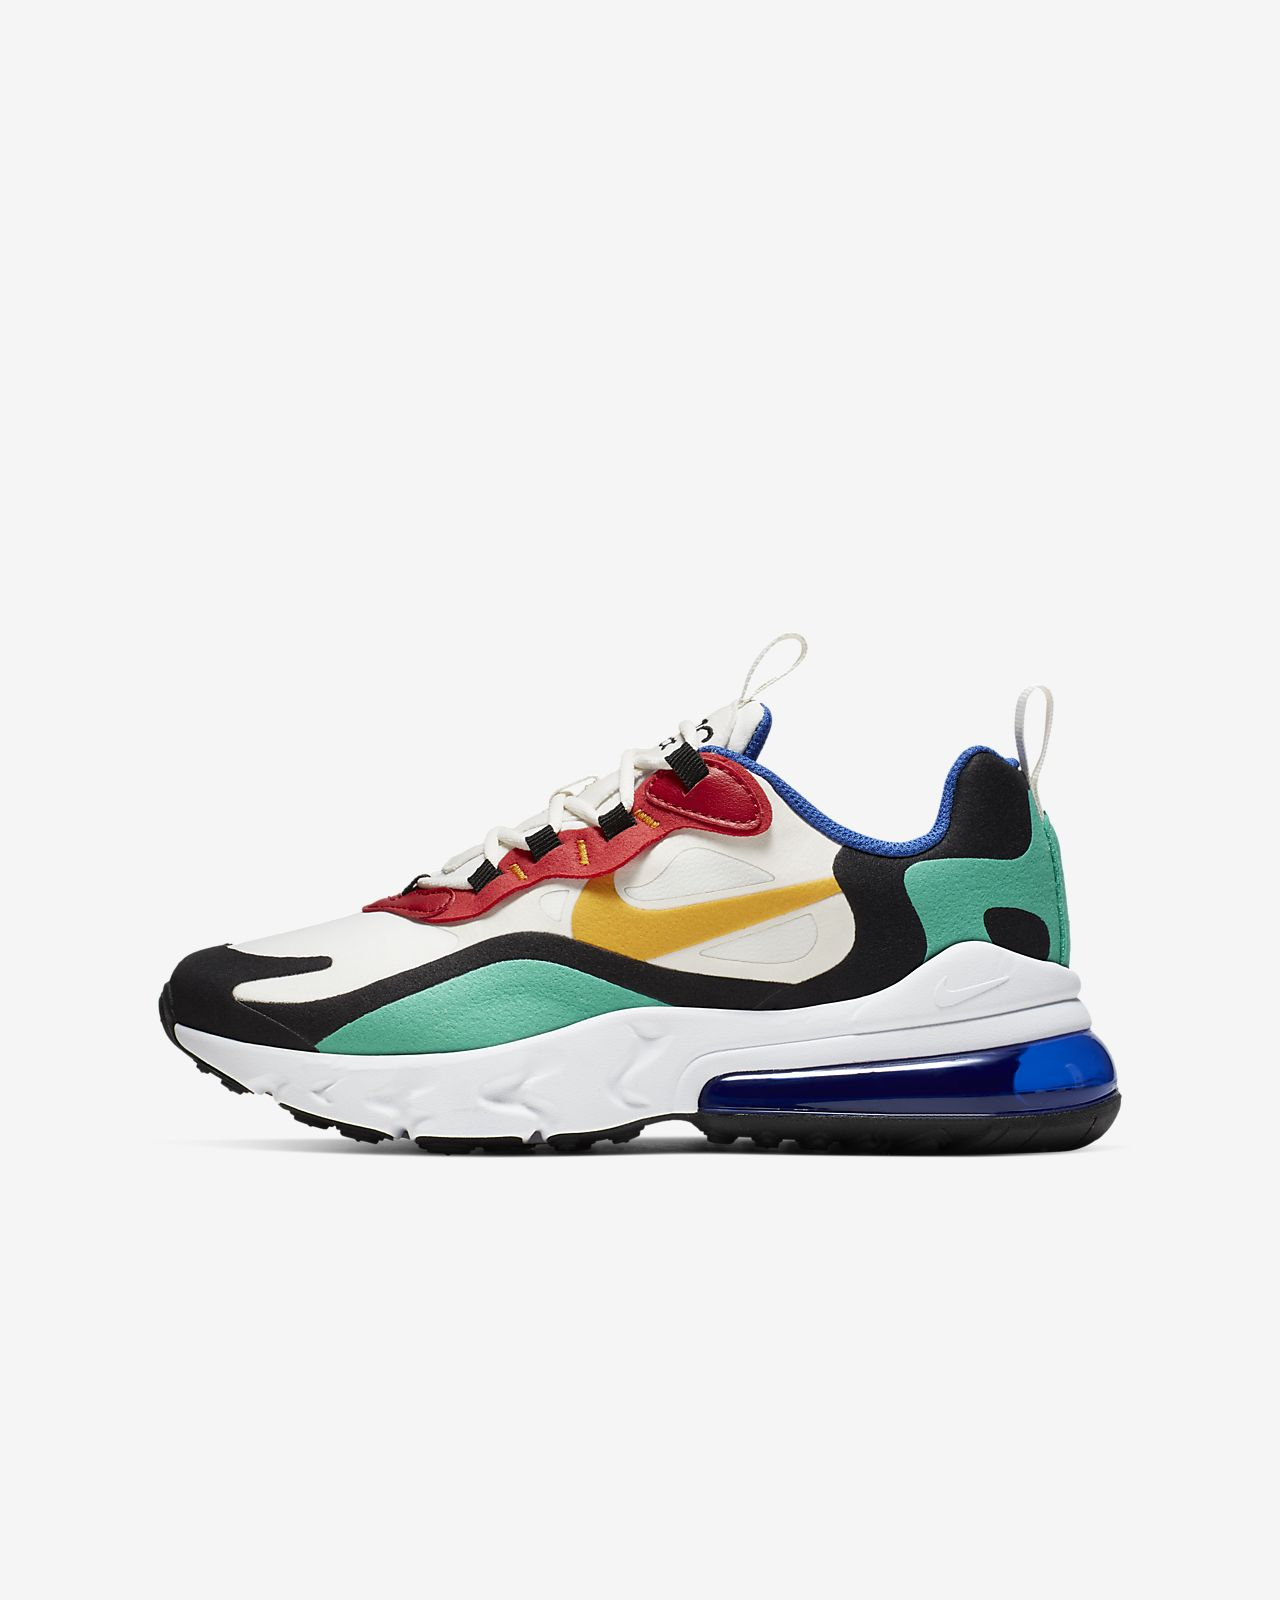 รองเท้าเด็กโต Nike Air Max 270 React